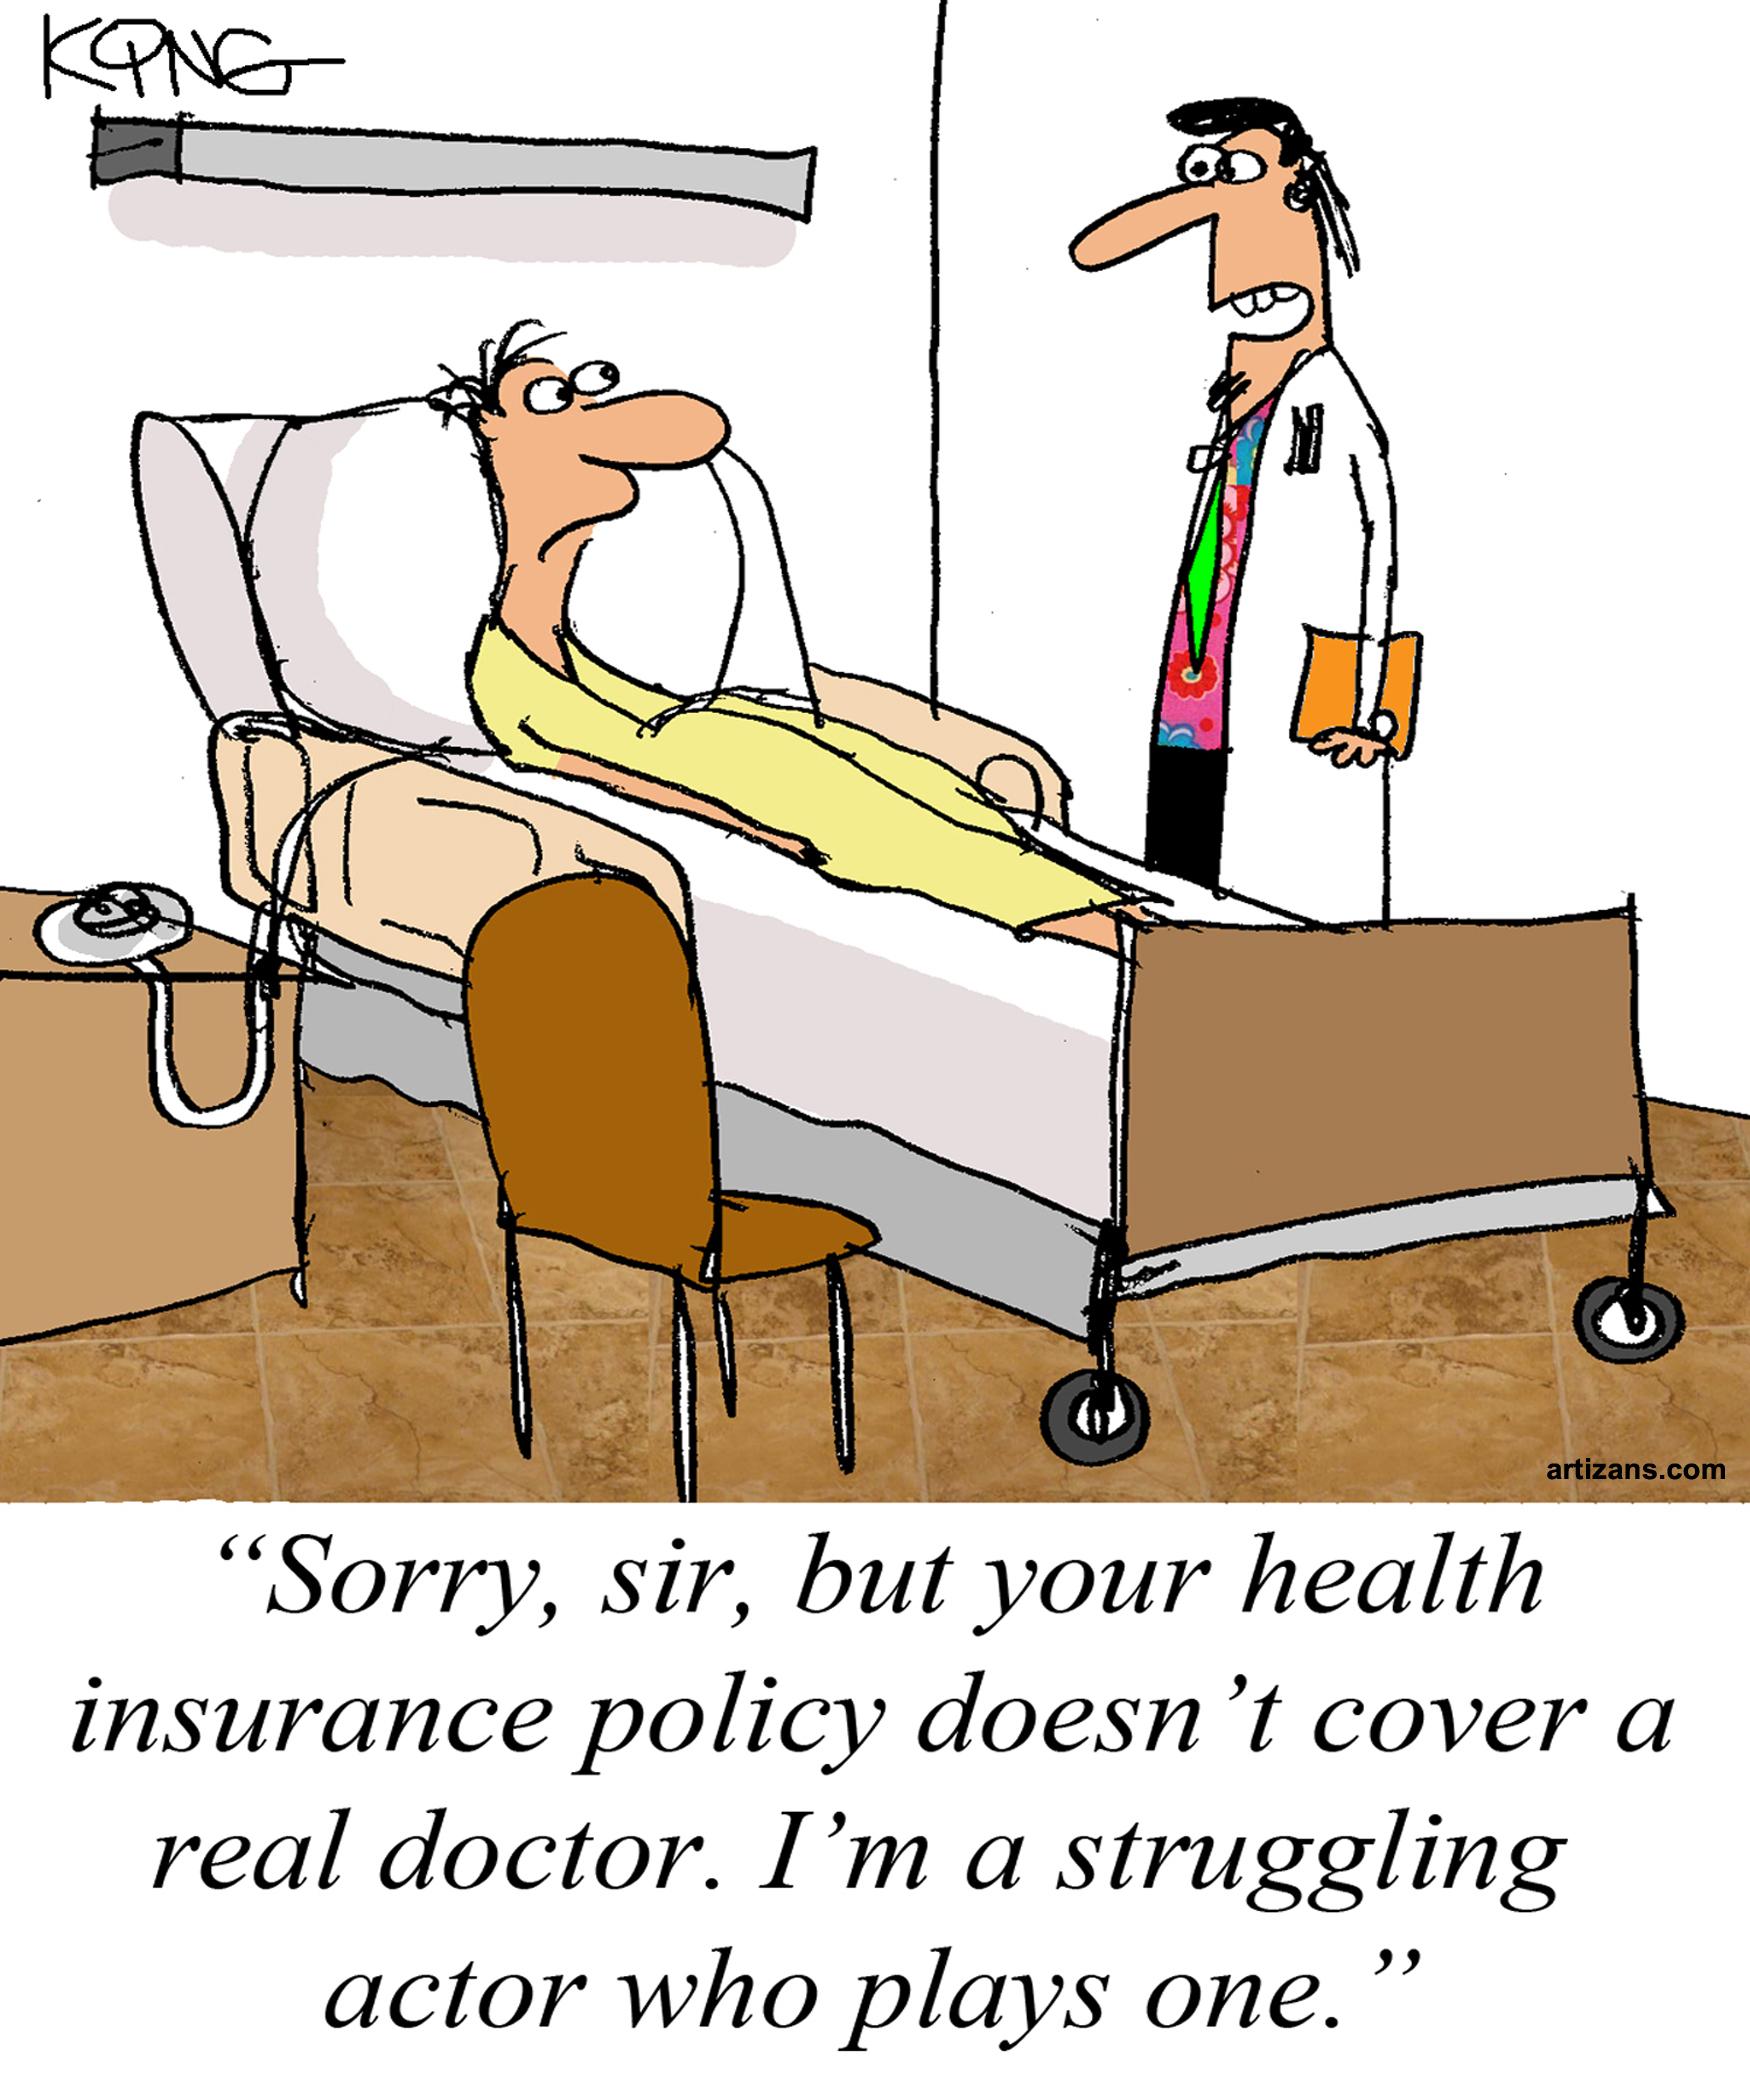 The Doctor Act?' | Kaiser Health News